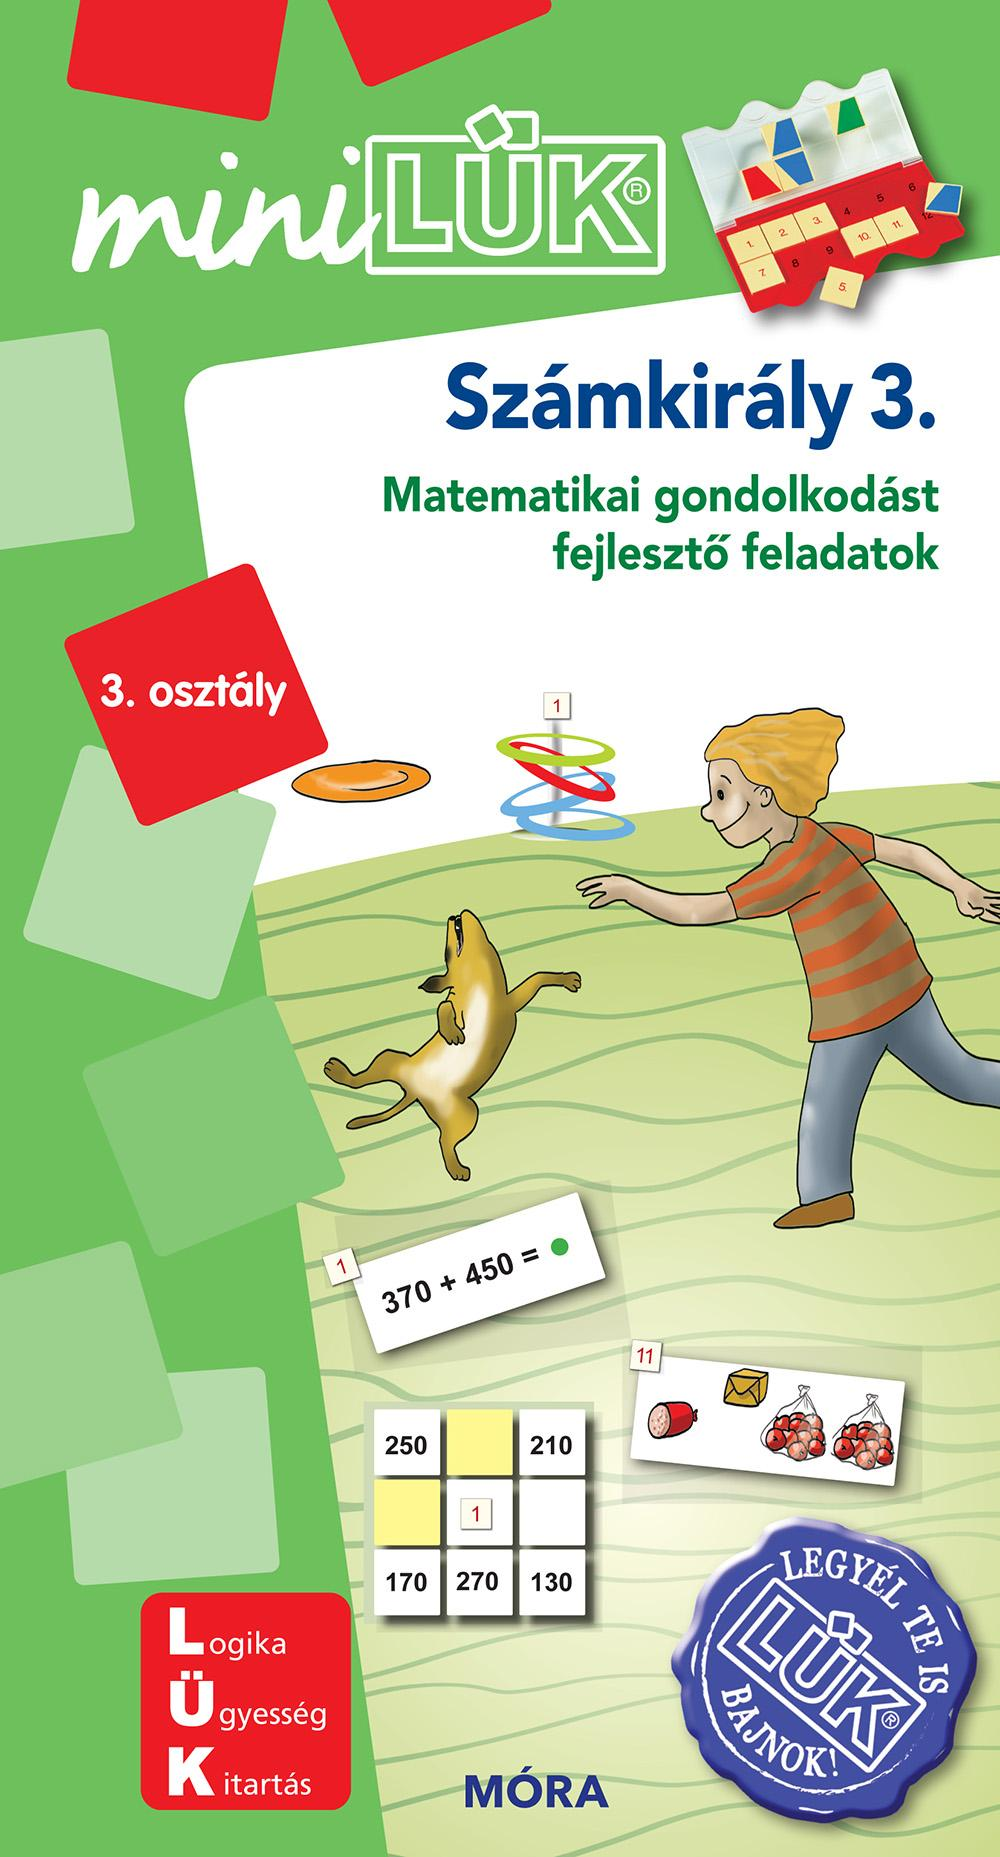 SZÁMKIRÁLY 3. - MATEMATIKAI GONDOLKODÁST FEJLESZTÕ FELADATOK 3. OSZT. - MINILÜK